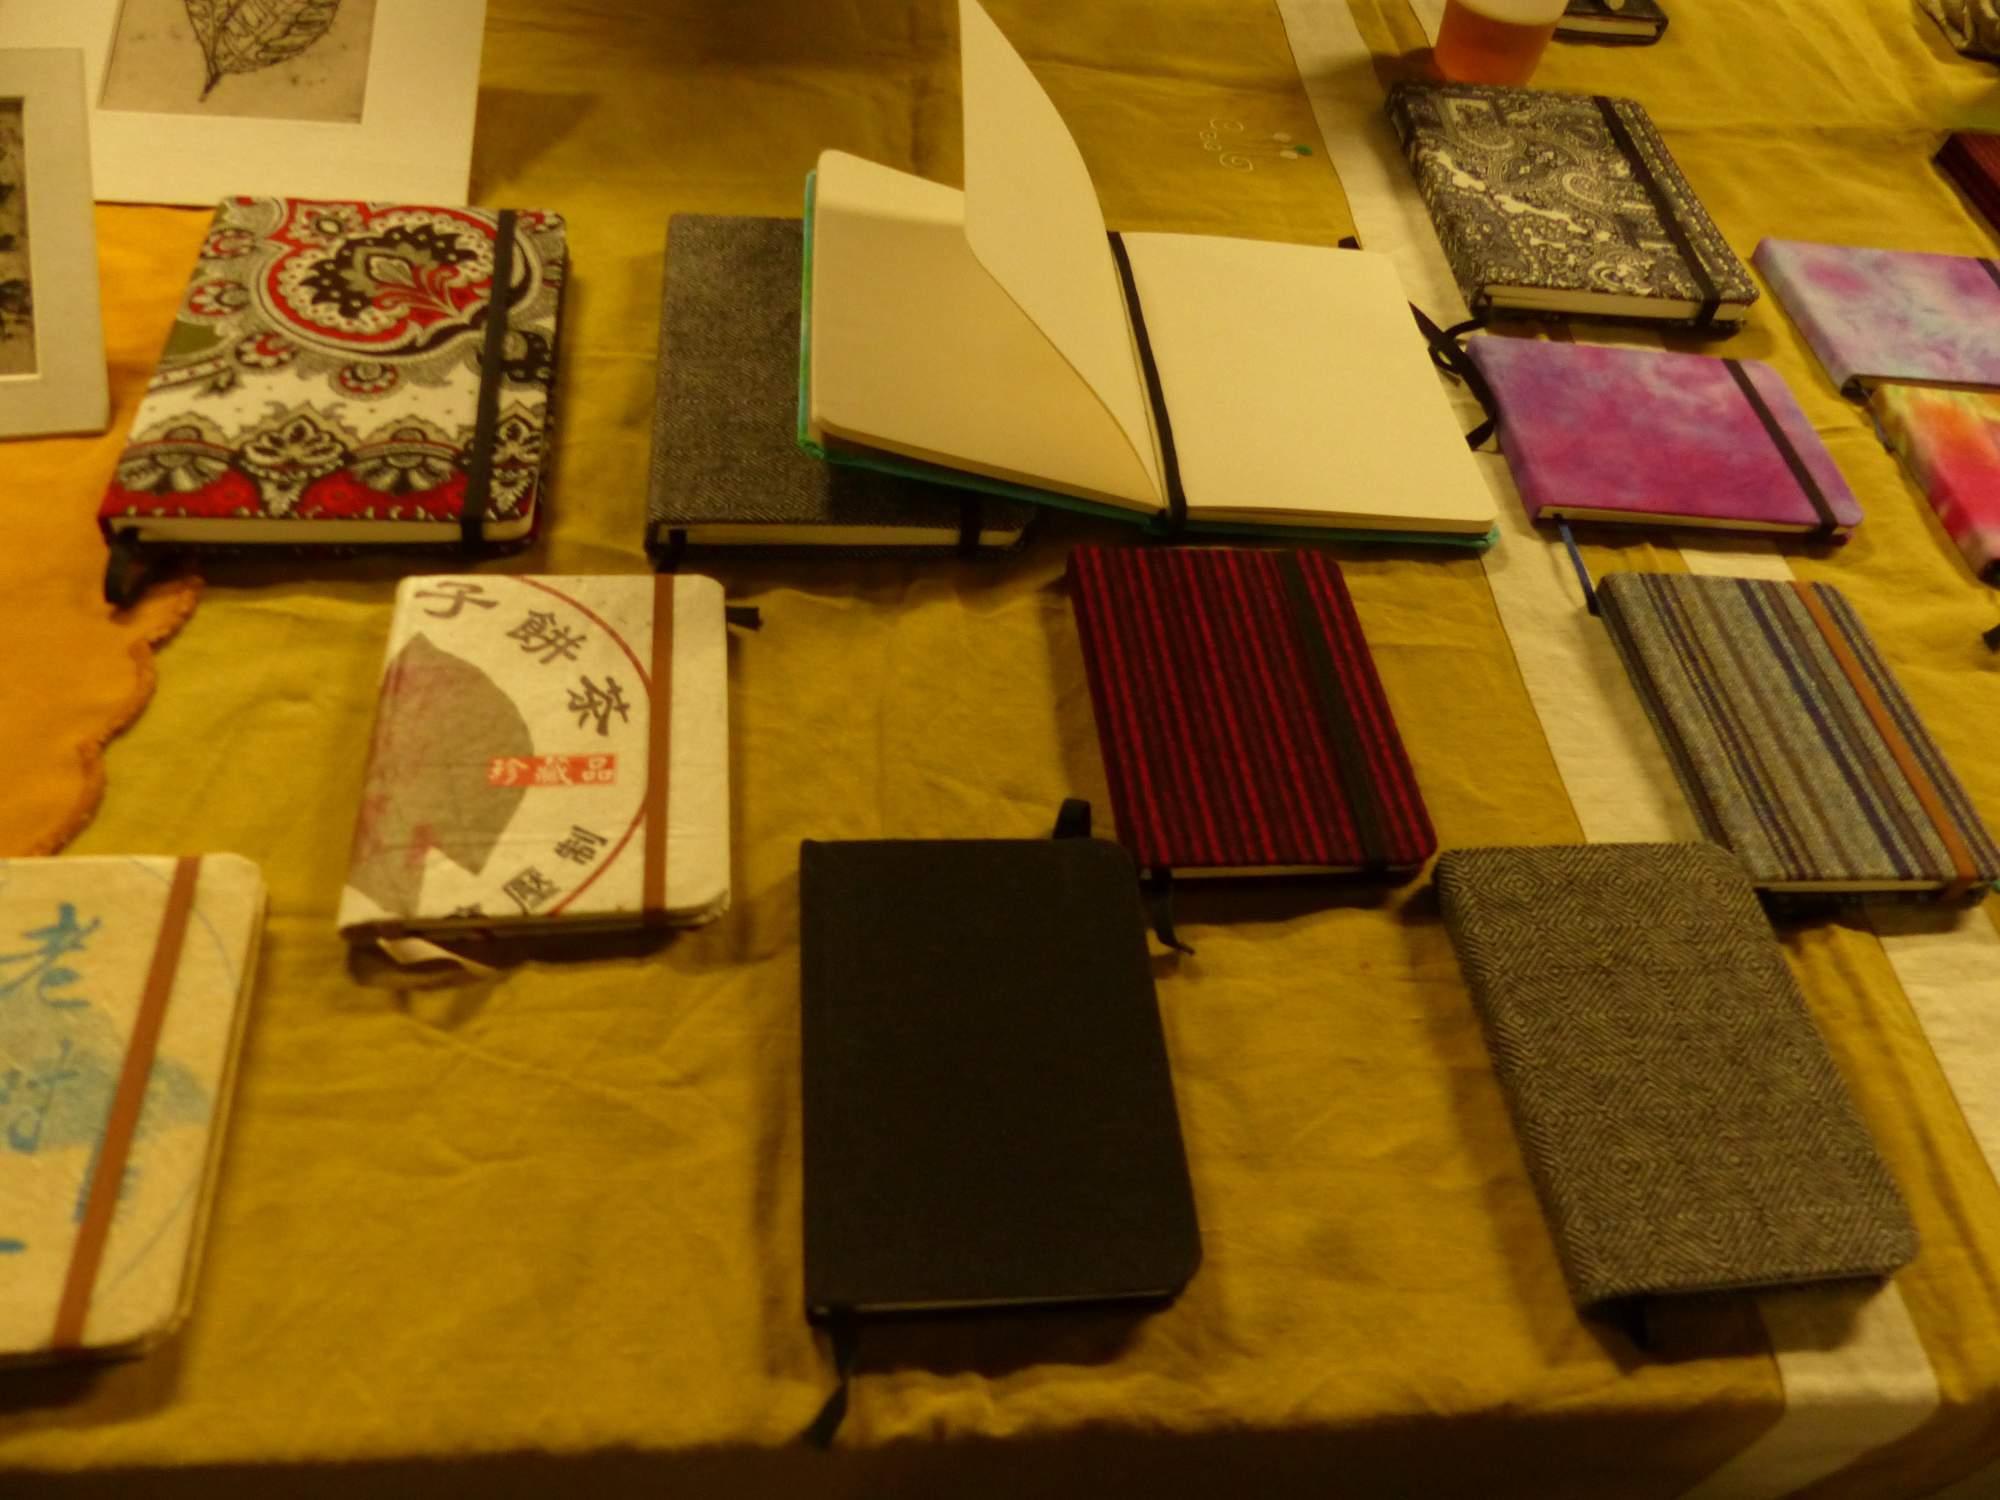 Po domácku vyrobené diaře a zápisníky. Foto: Jana Blahošová